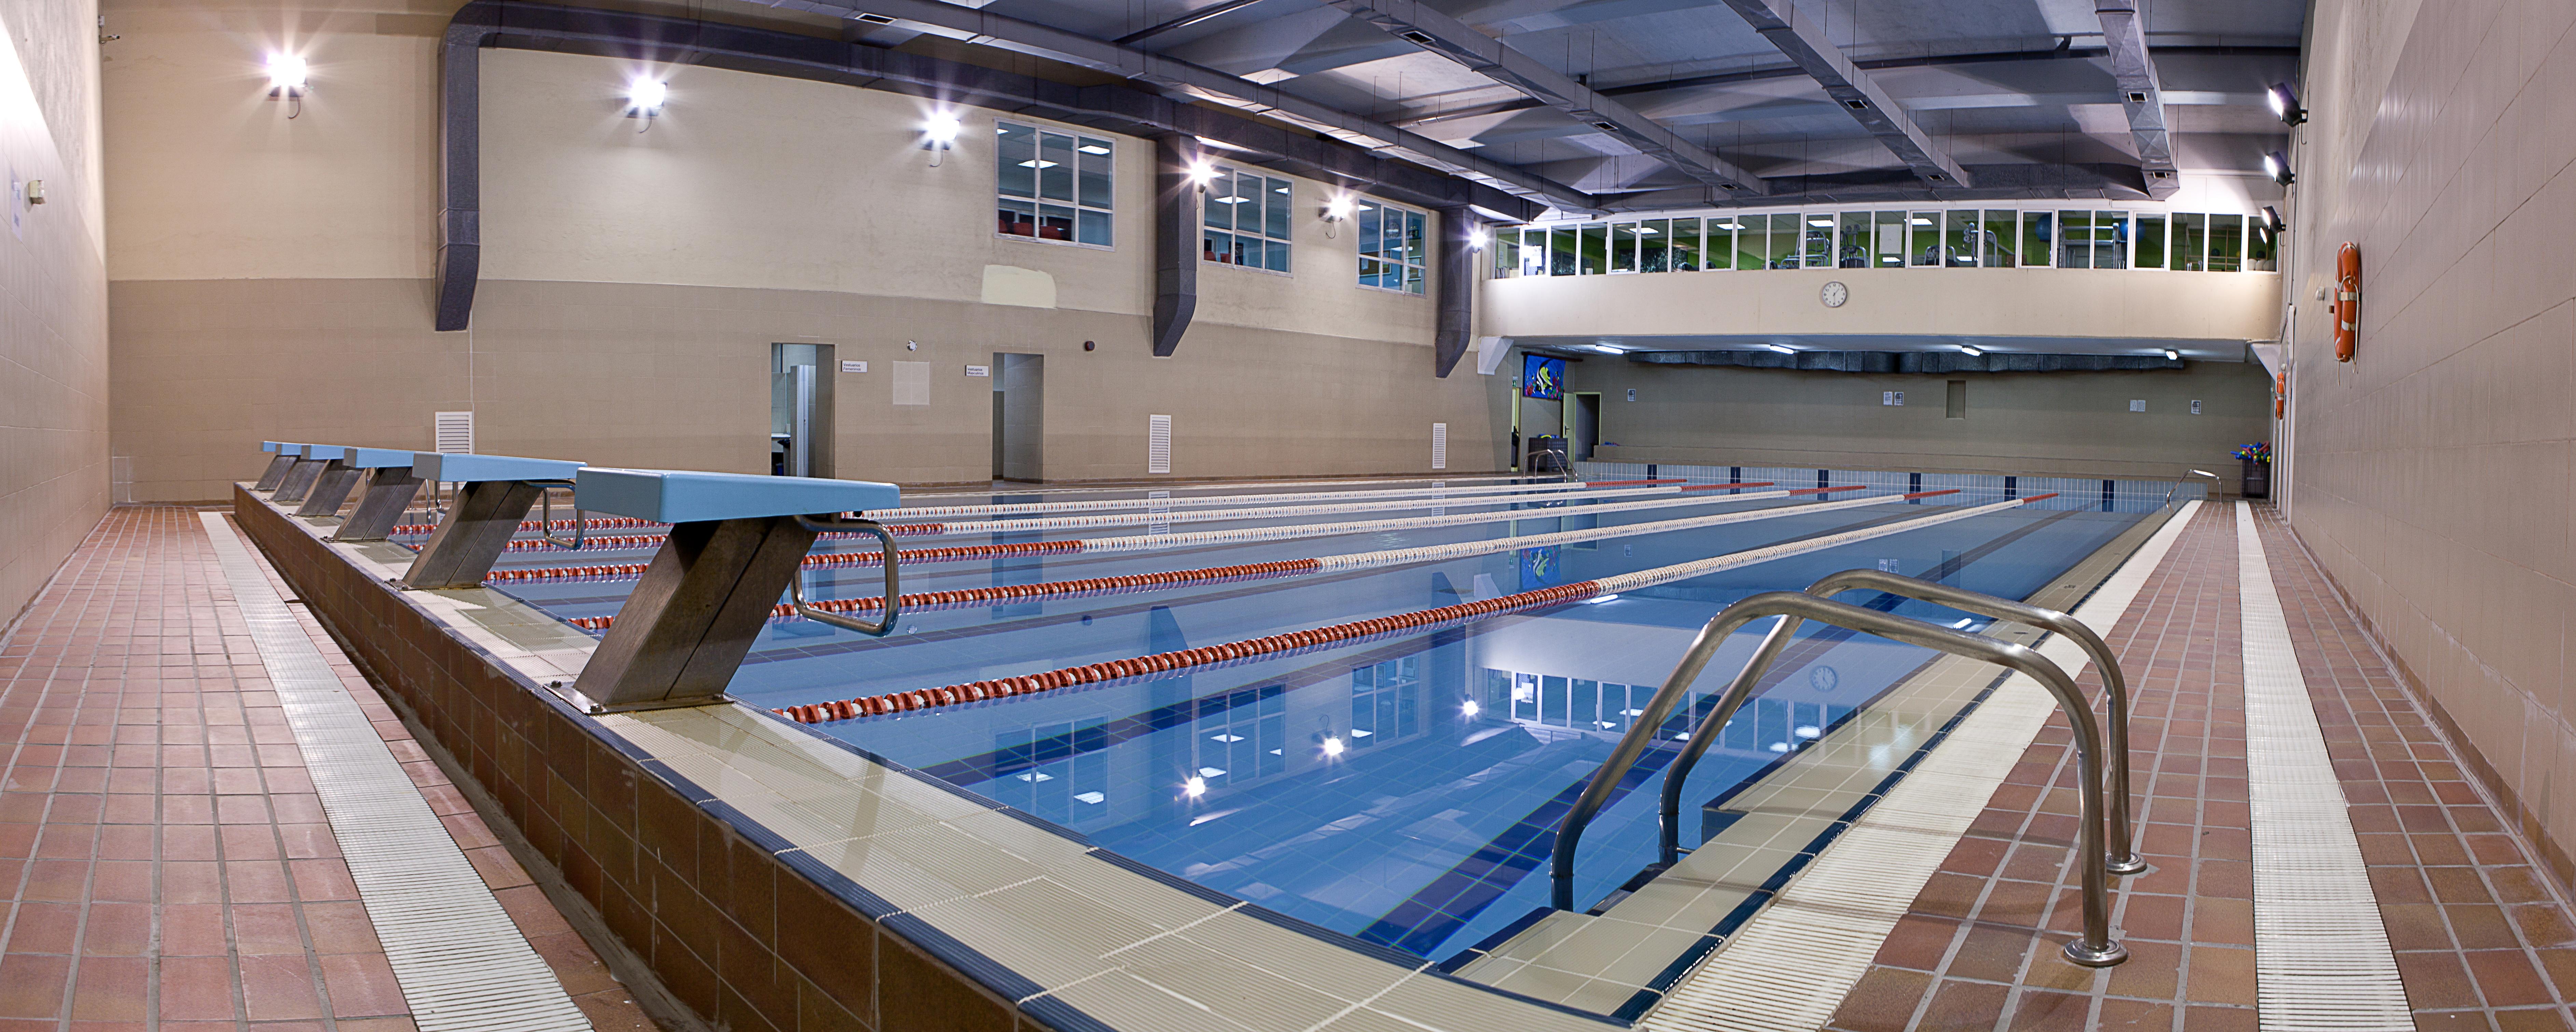 Centro Deportivo El Pilar Clases De Natacion Y Gimnasio En Madrid